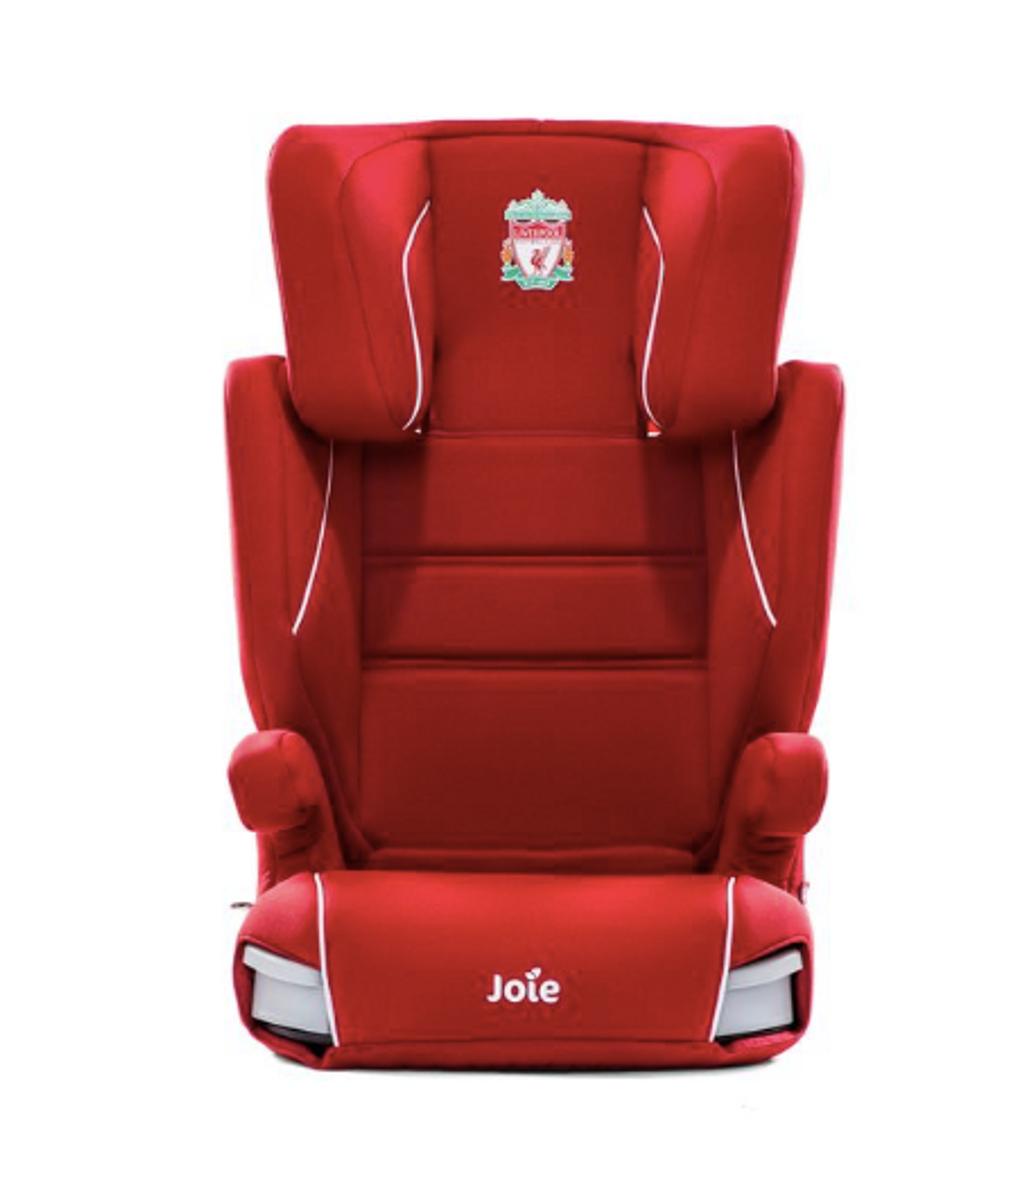 Joie Trillo™ Beltestol  LFC Red Crest